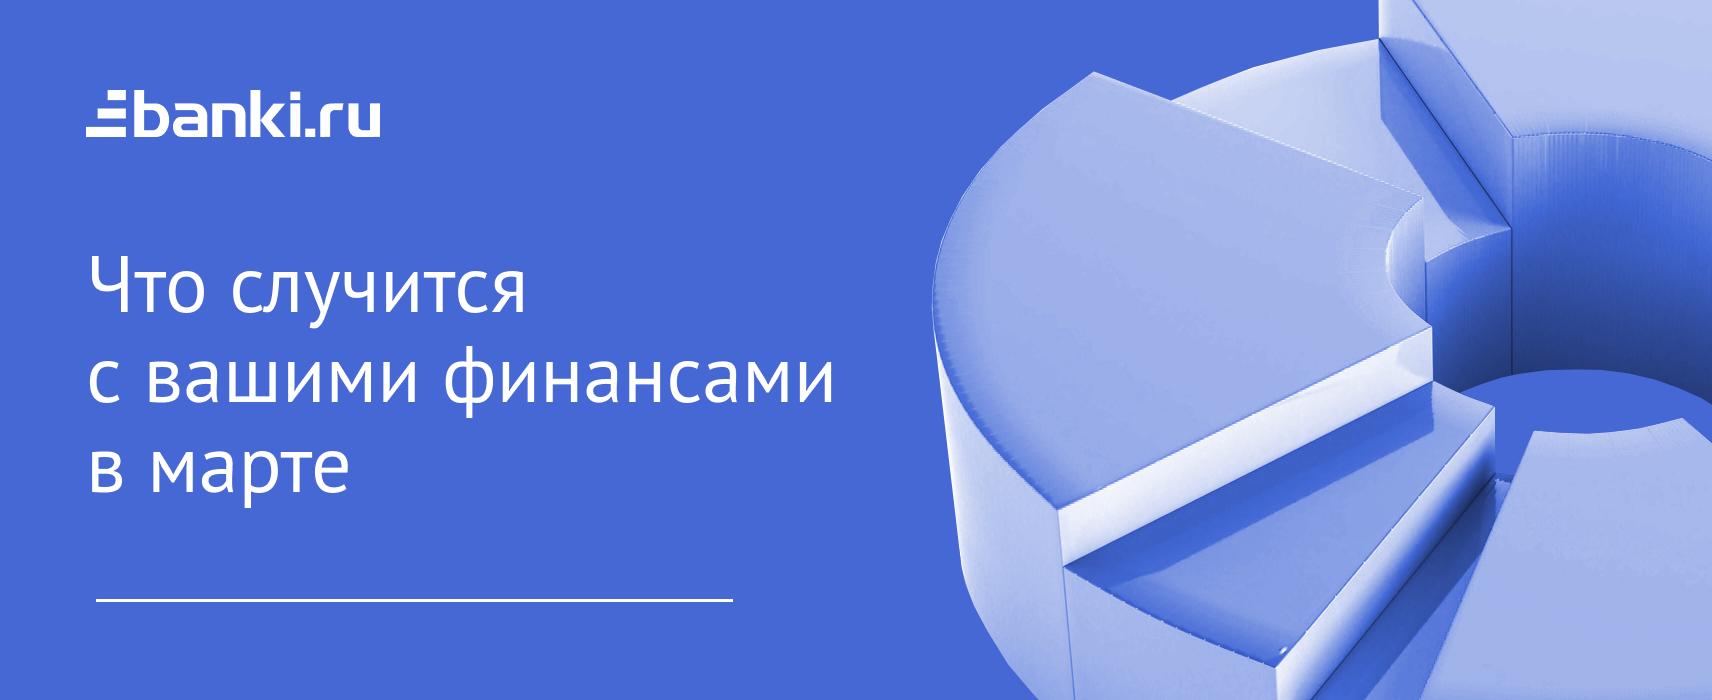 Дайджест Банки.ру: что случится с вашими финансами в марте